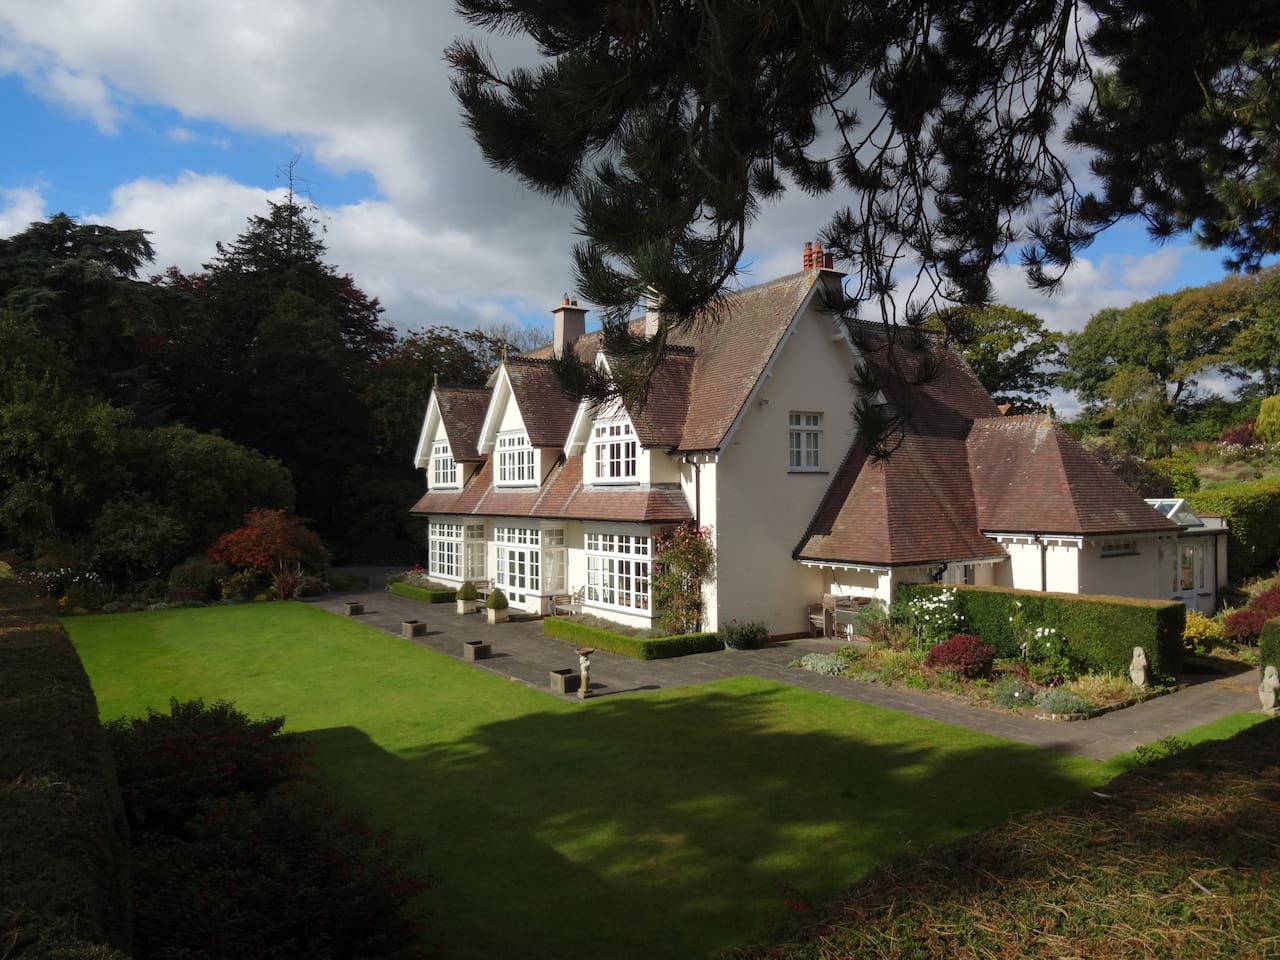 Cotleigh House